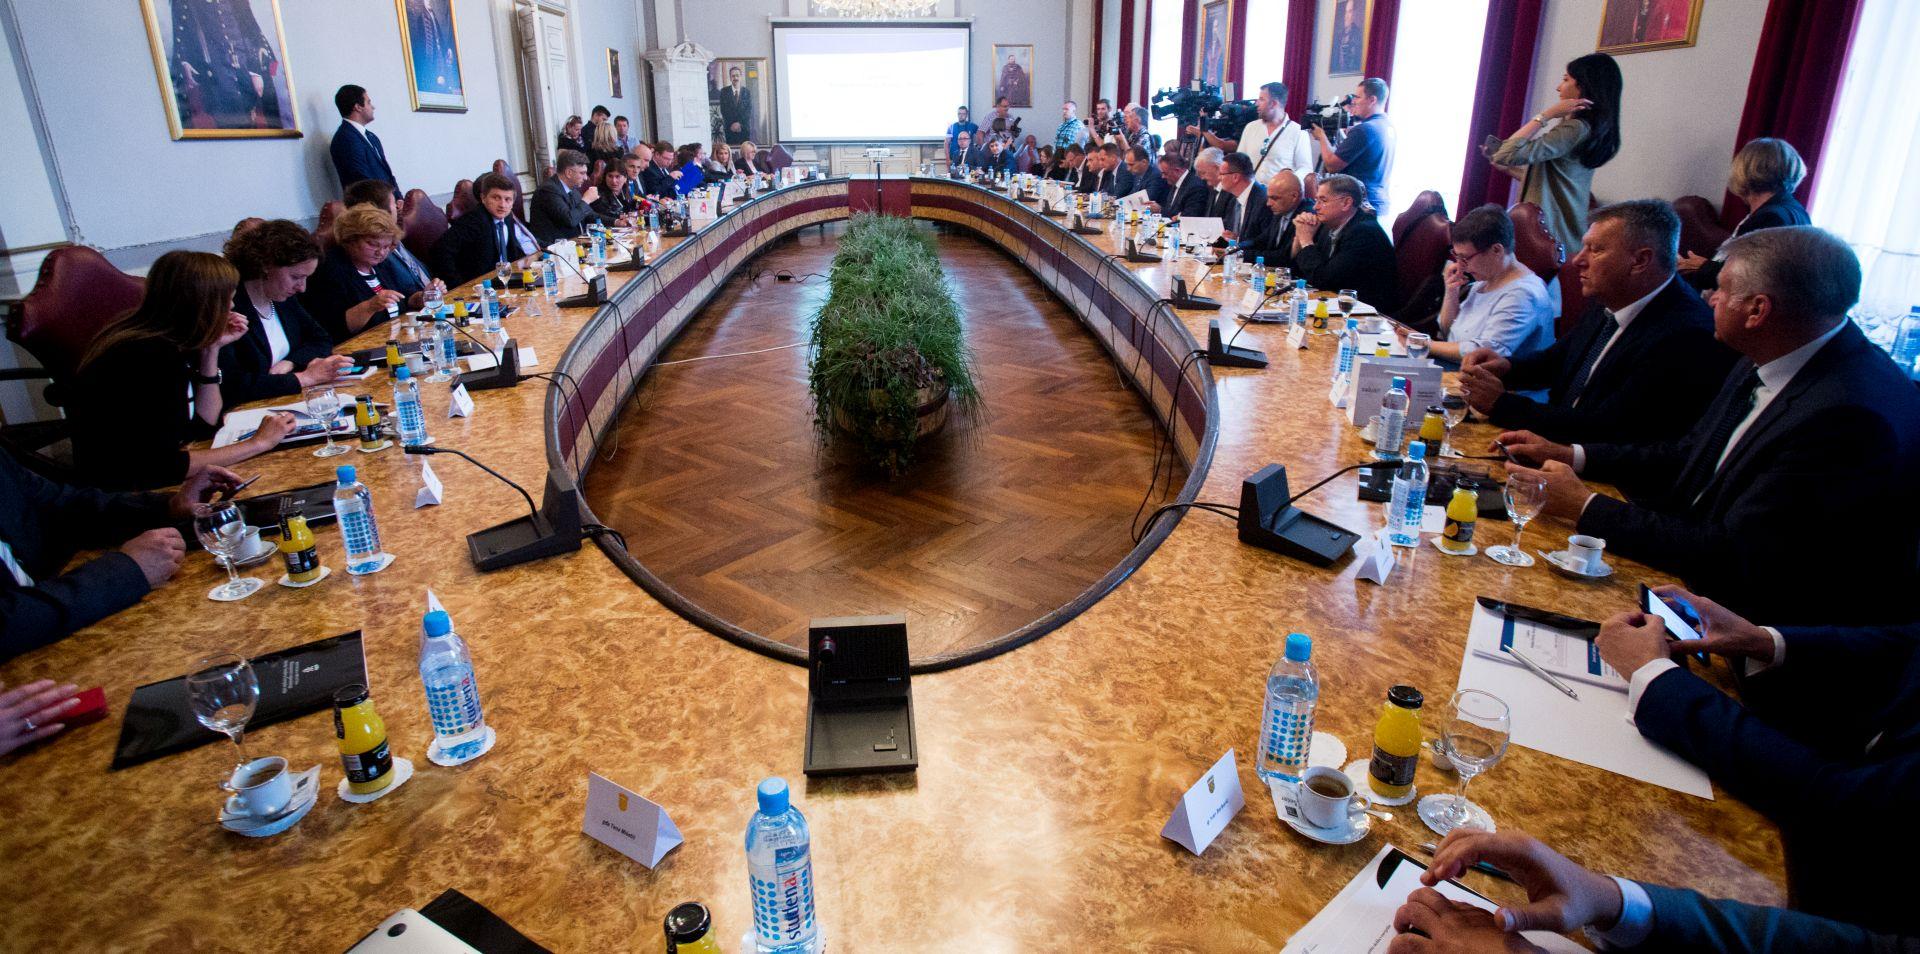 PLENKOVIĆ 'Kroz Savjet za Slavoniju, Baranju i Srijem brendiramo sve što Vlada radi za Slavoniju'